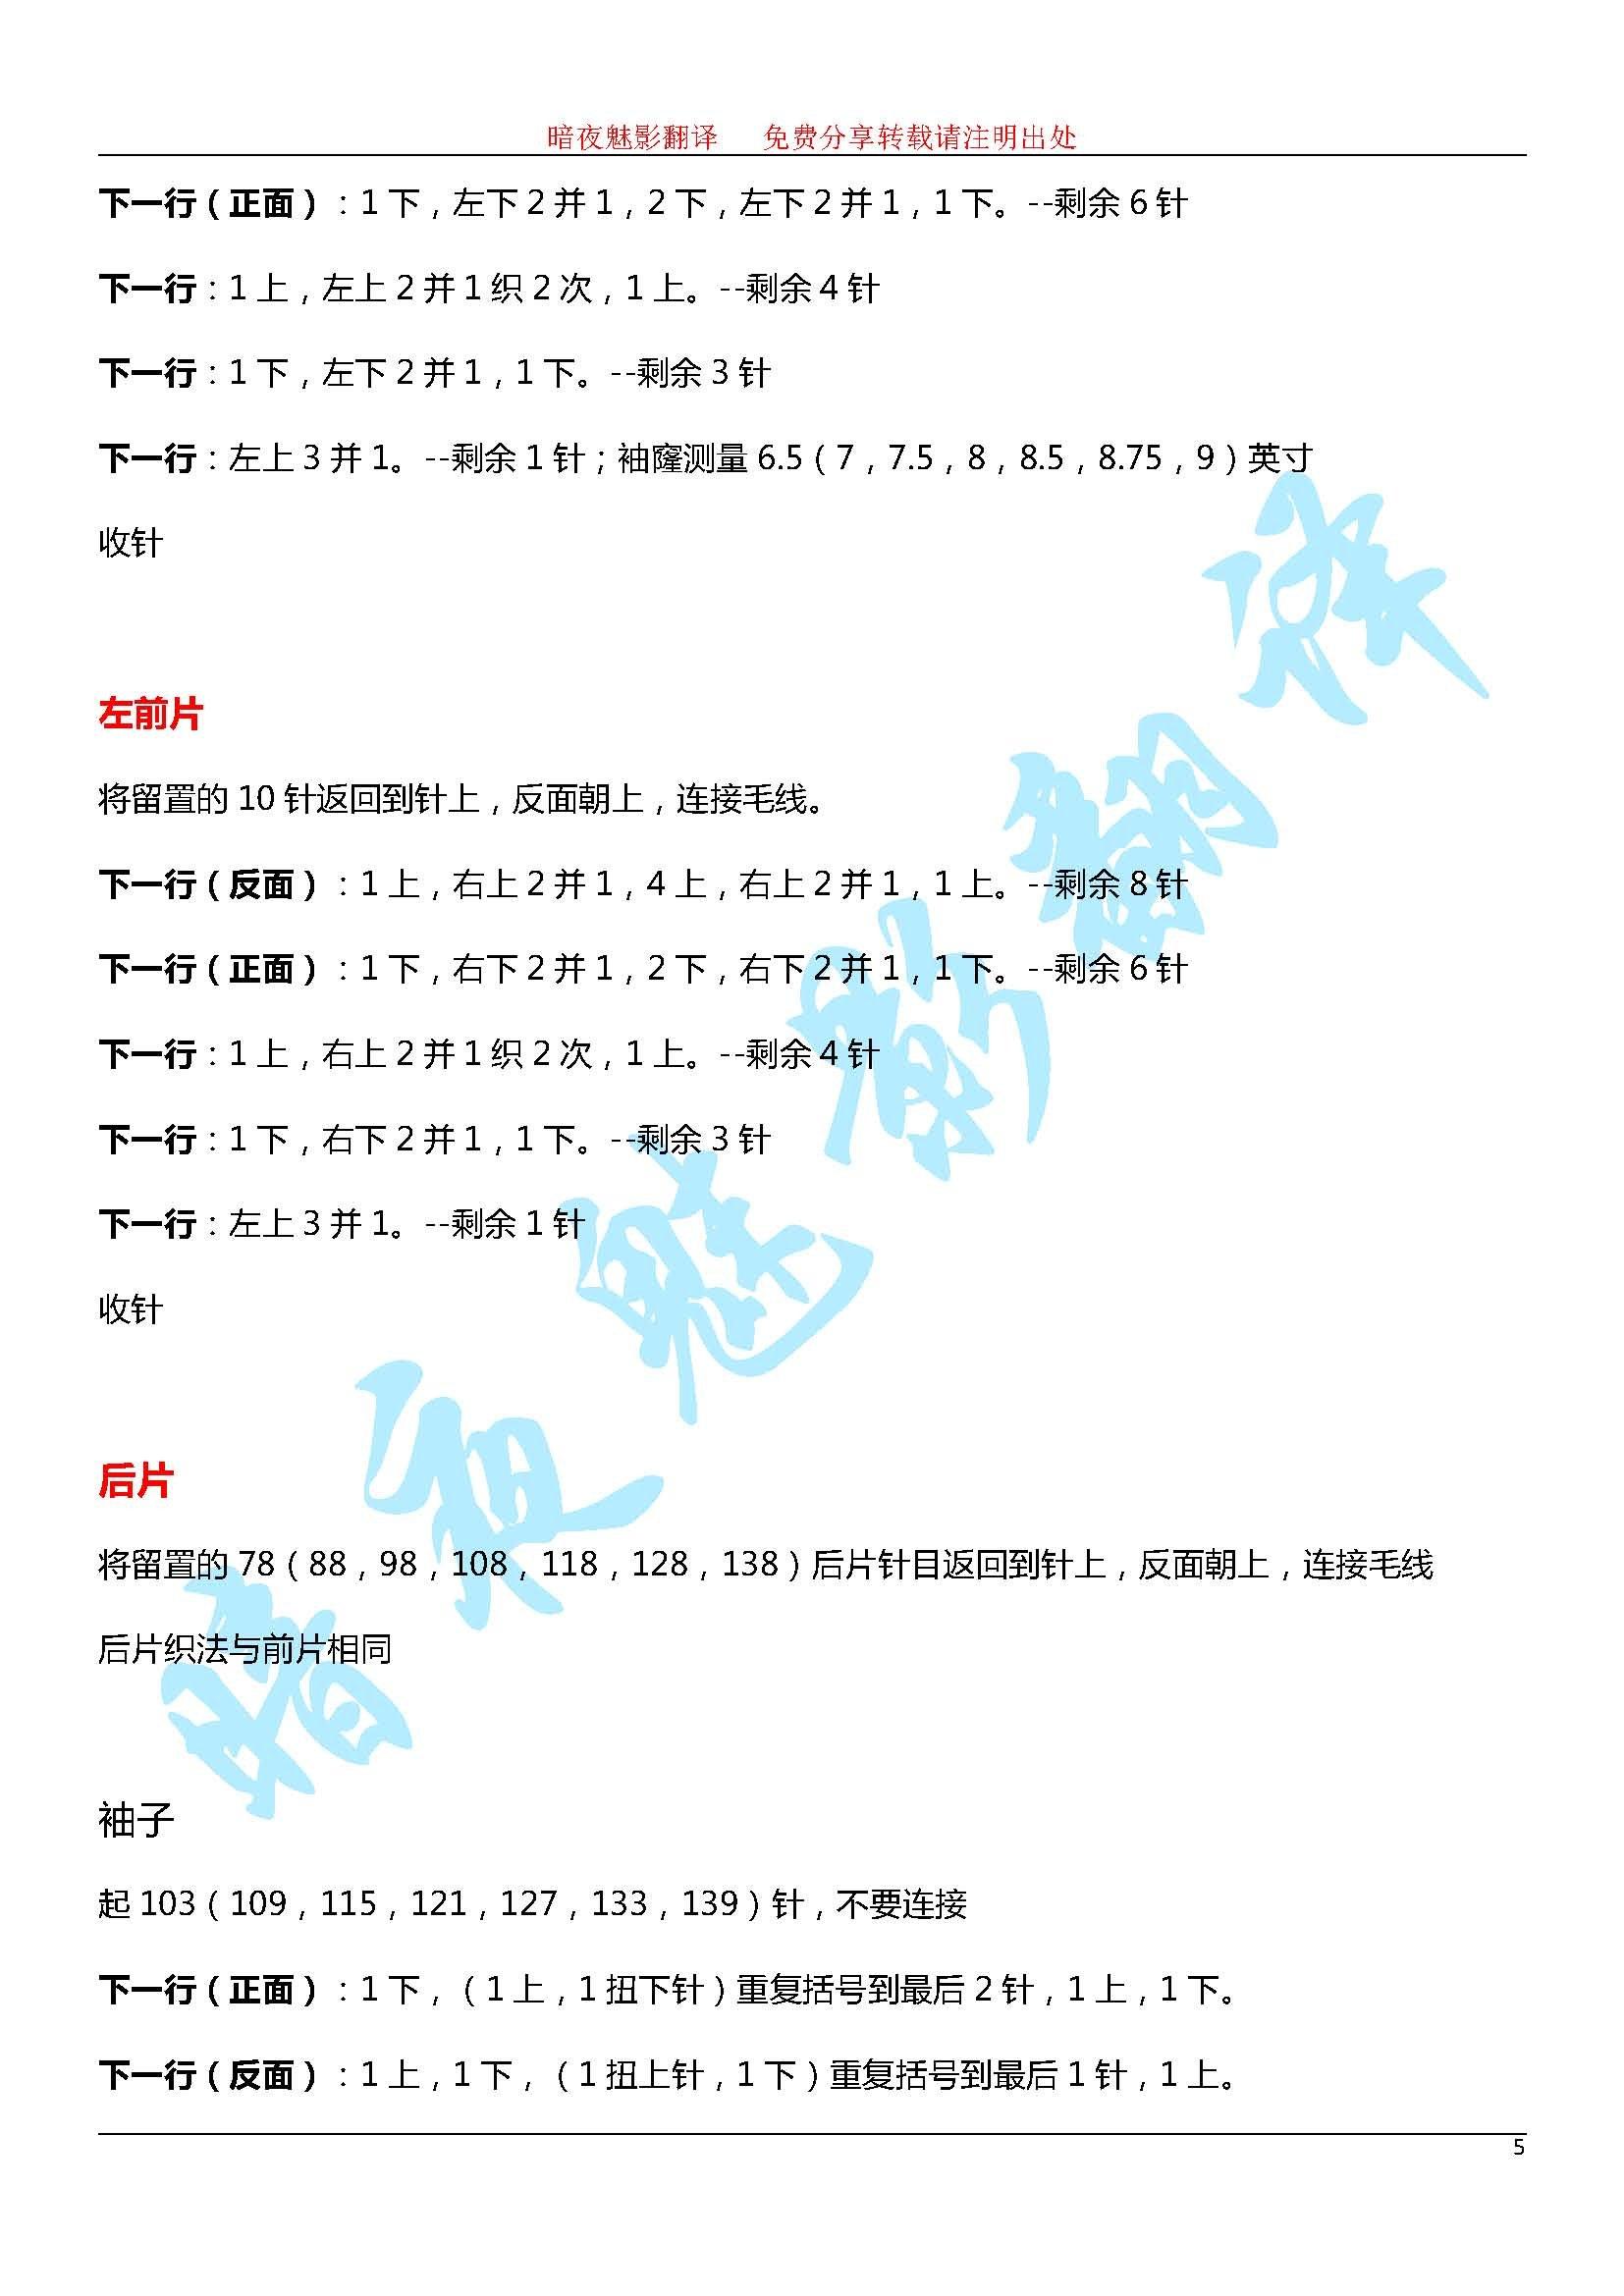 拉菲短袖图解1_页面_5.jpg